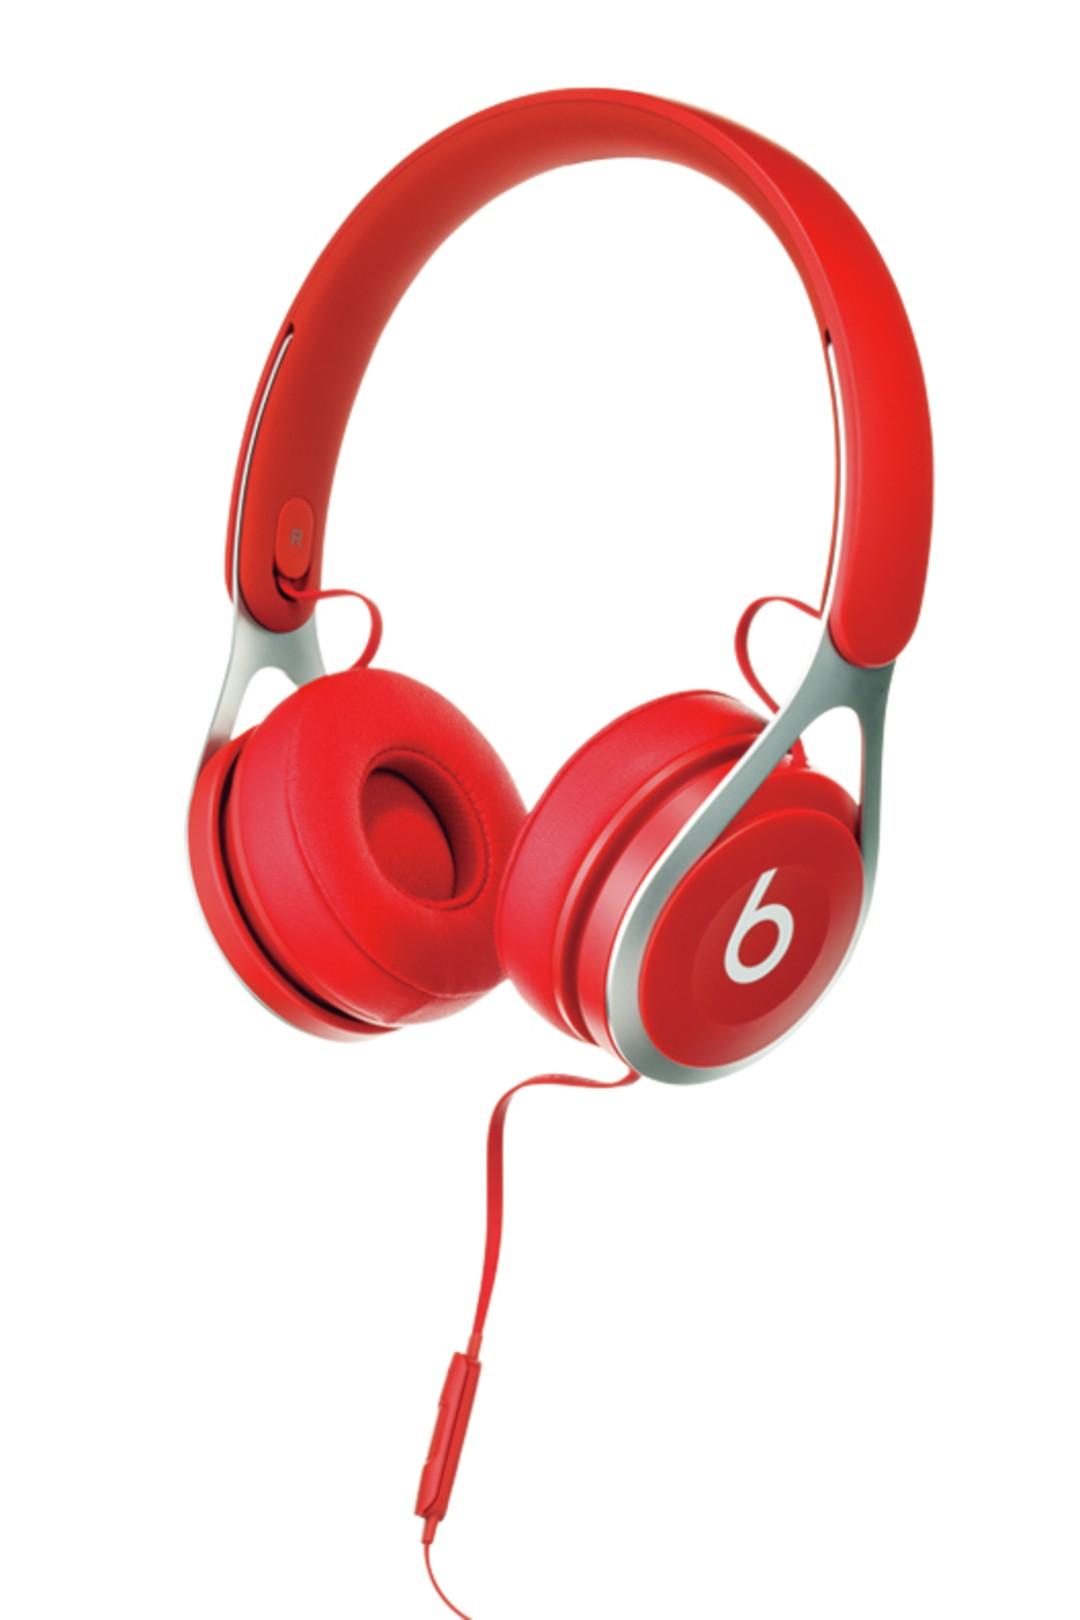 『Beats』のヘッドホン